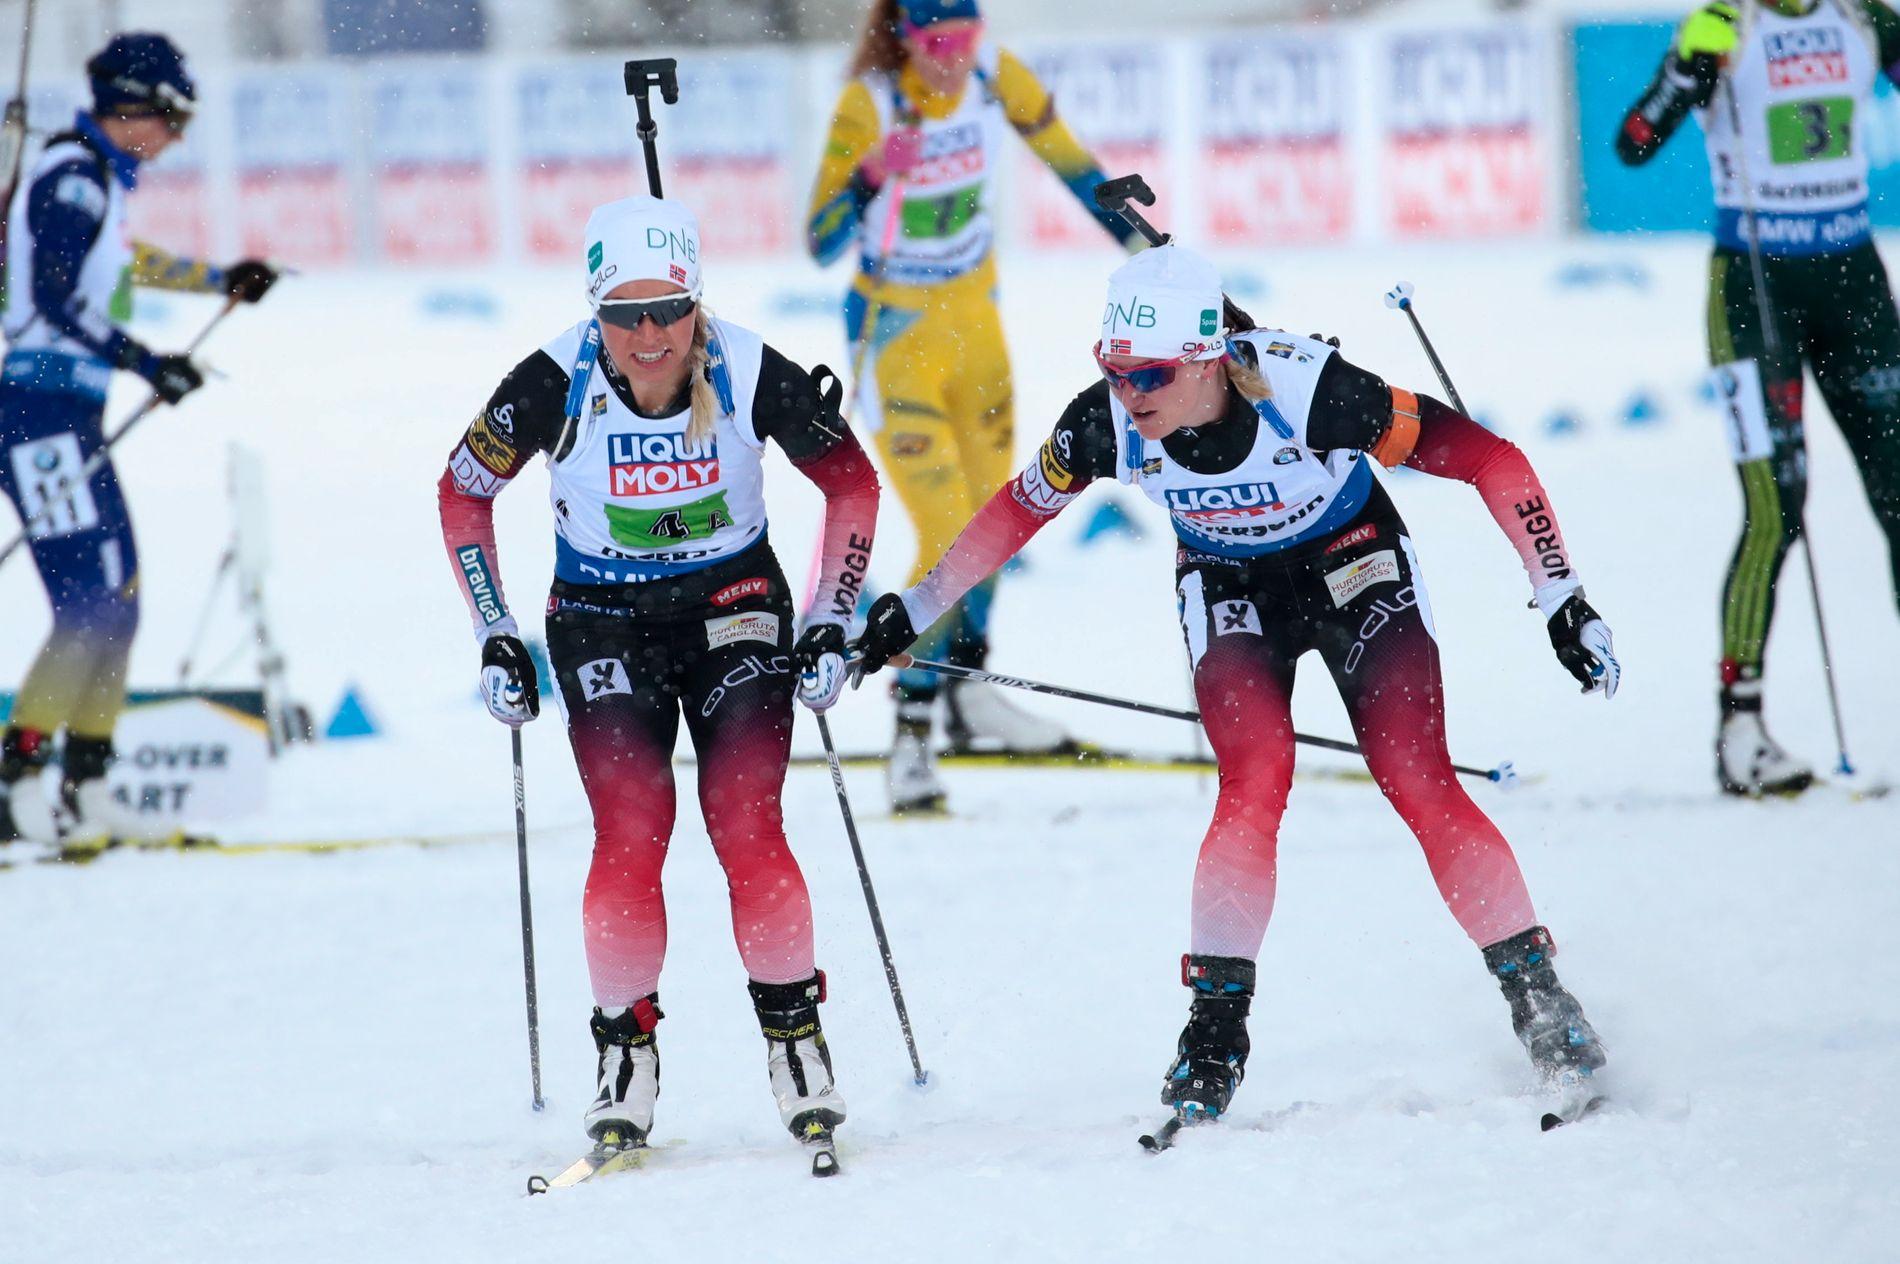 GJORDE JOBBEN: Marte Olsbu Røiseland (til høyre) vekslet ut som nummer to på stafetten. Også Tiril Eckhoff gjorde jobben i Östersund.